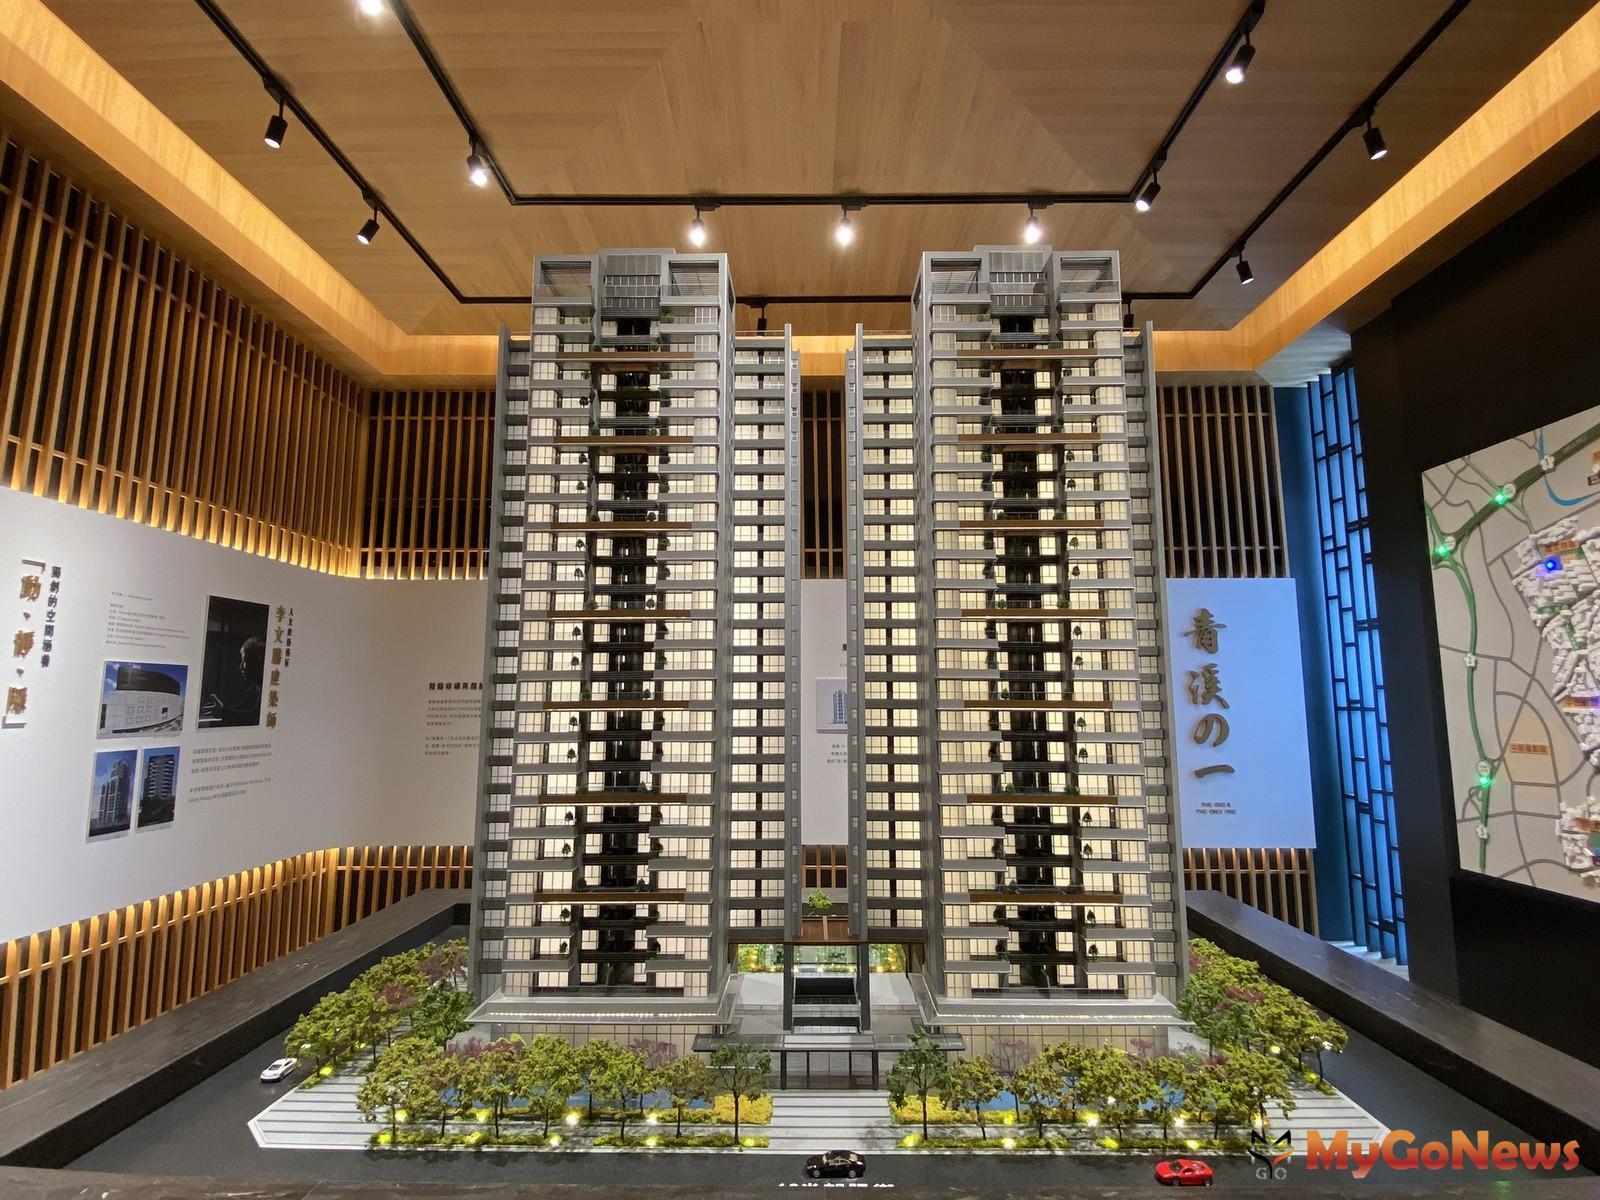 「東騰青一」雙塔凌空建築(圖/業主提供) MyGoNews房地產新聞 熱銷推案